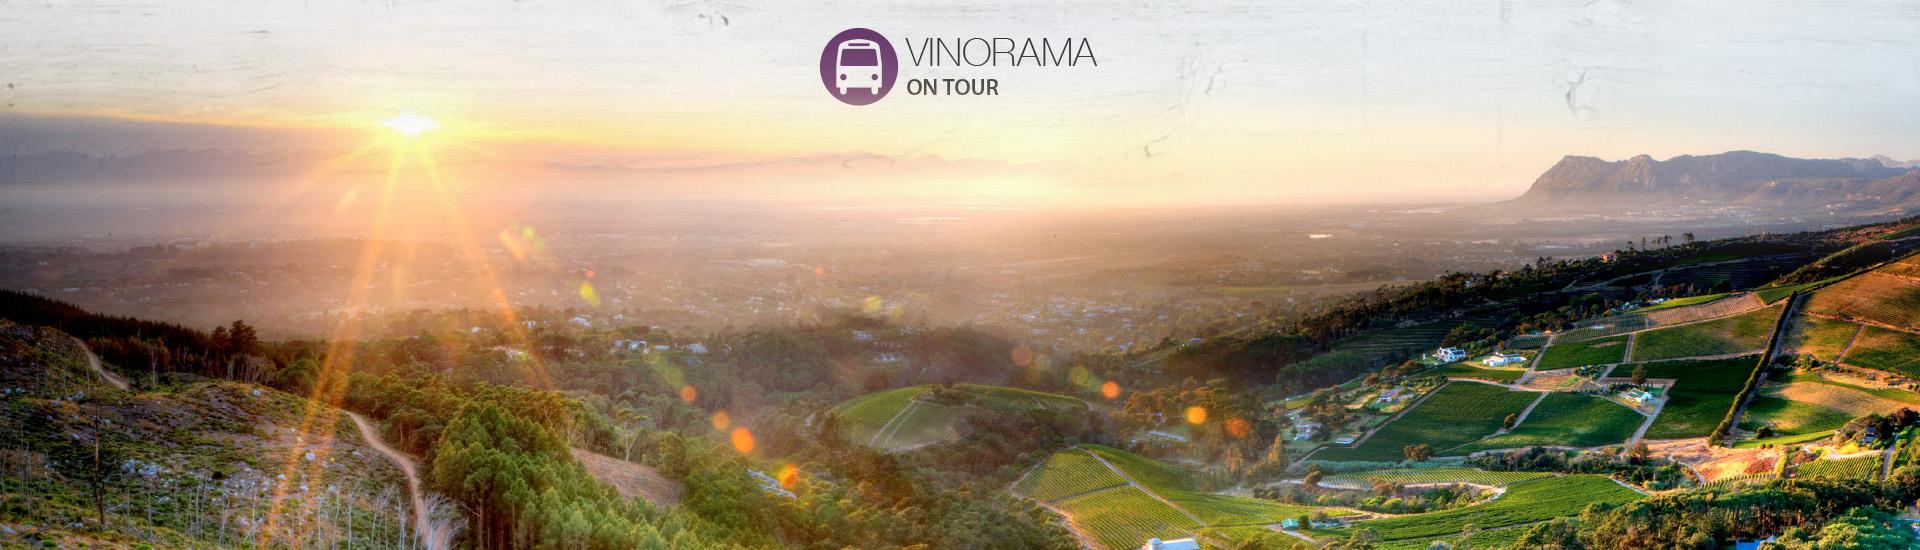 Weine - Vinorama on Tour: Südafrika - Weingüter Constantia Glen, Capaia & Selection Alexander von Essen 10/2016 - Slider